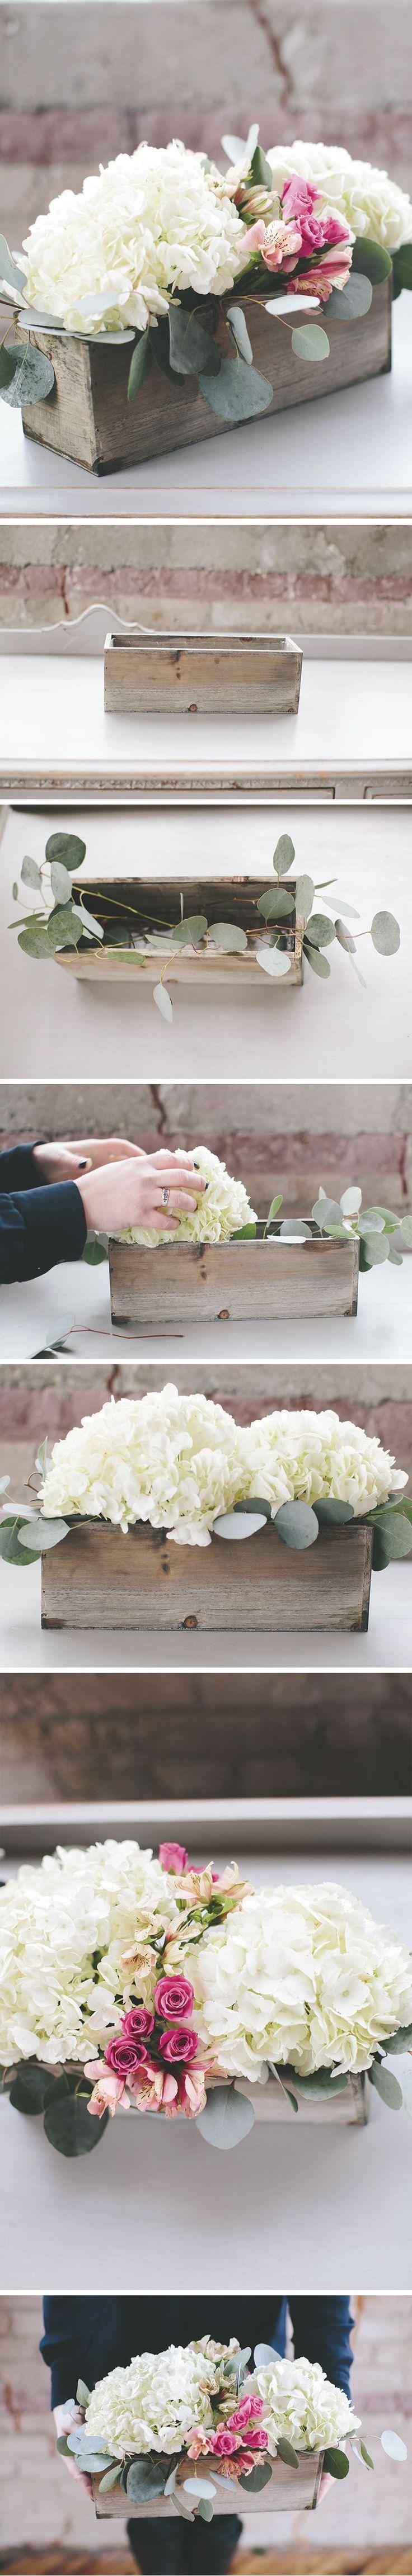 Best floral arrangements images on pinterest